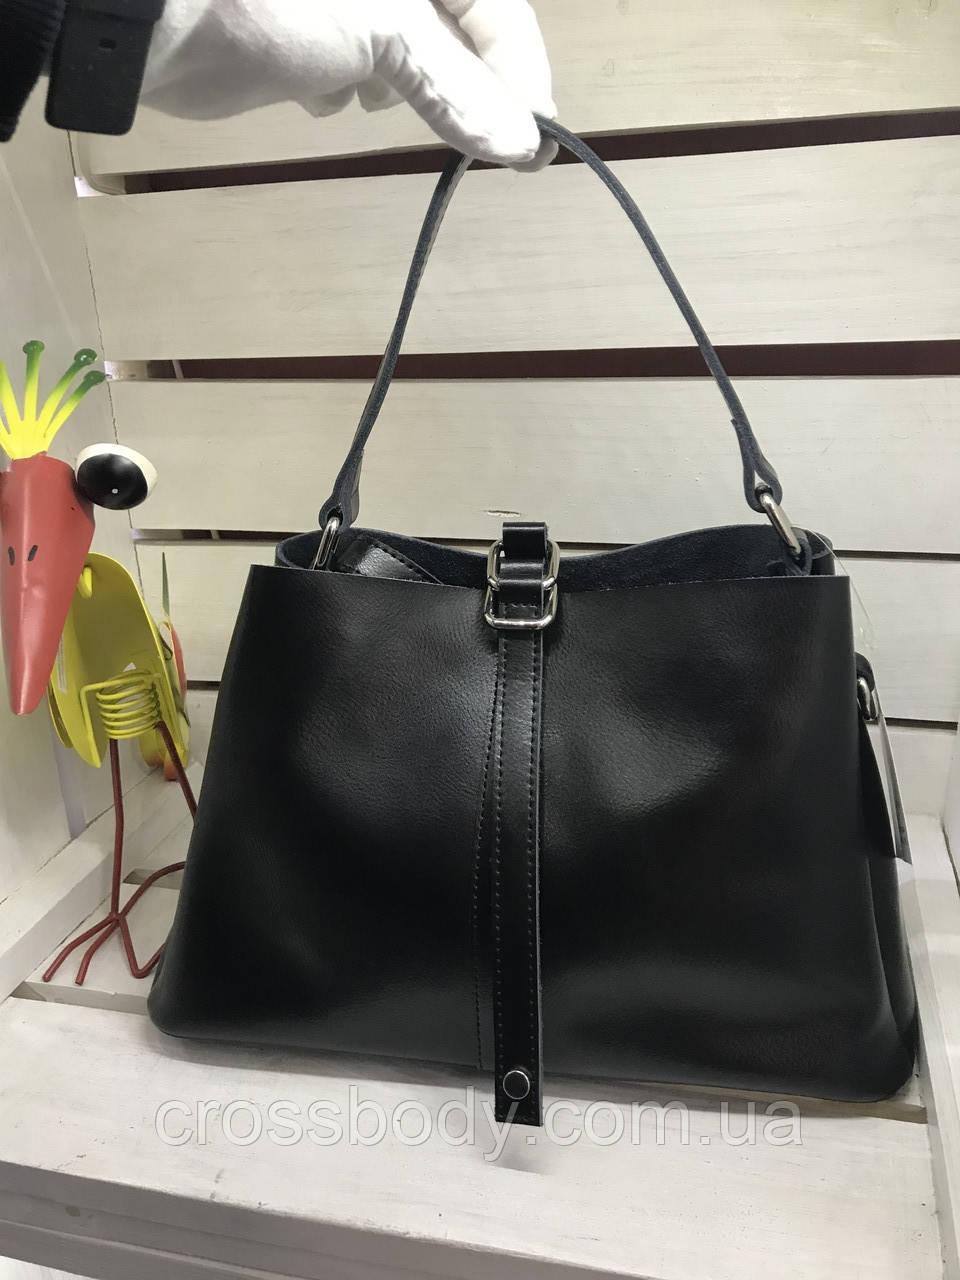 babafd716640 Женская кожаная сумка : продажа, цена в Львове. женские сумочки и ...